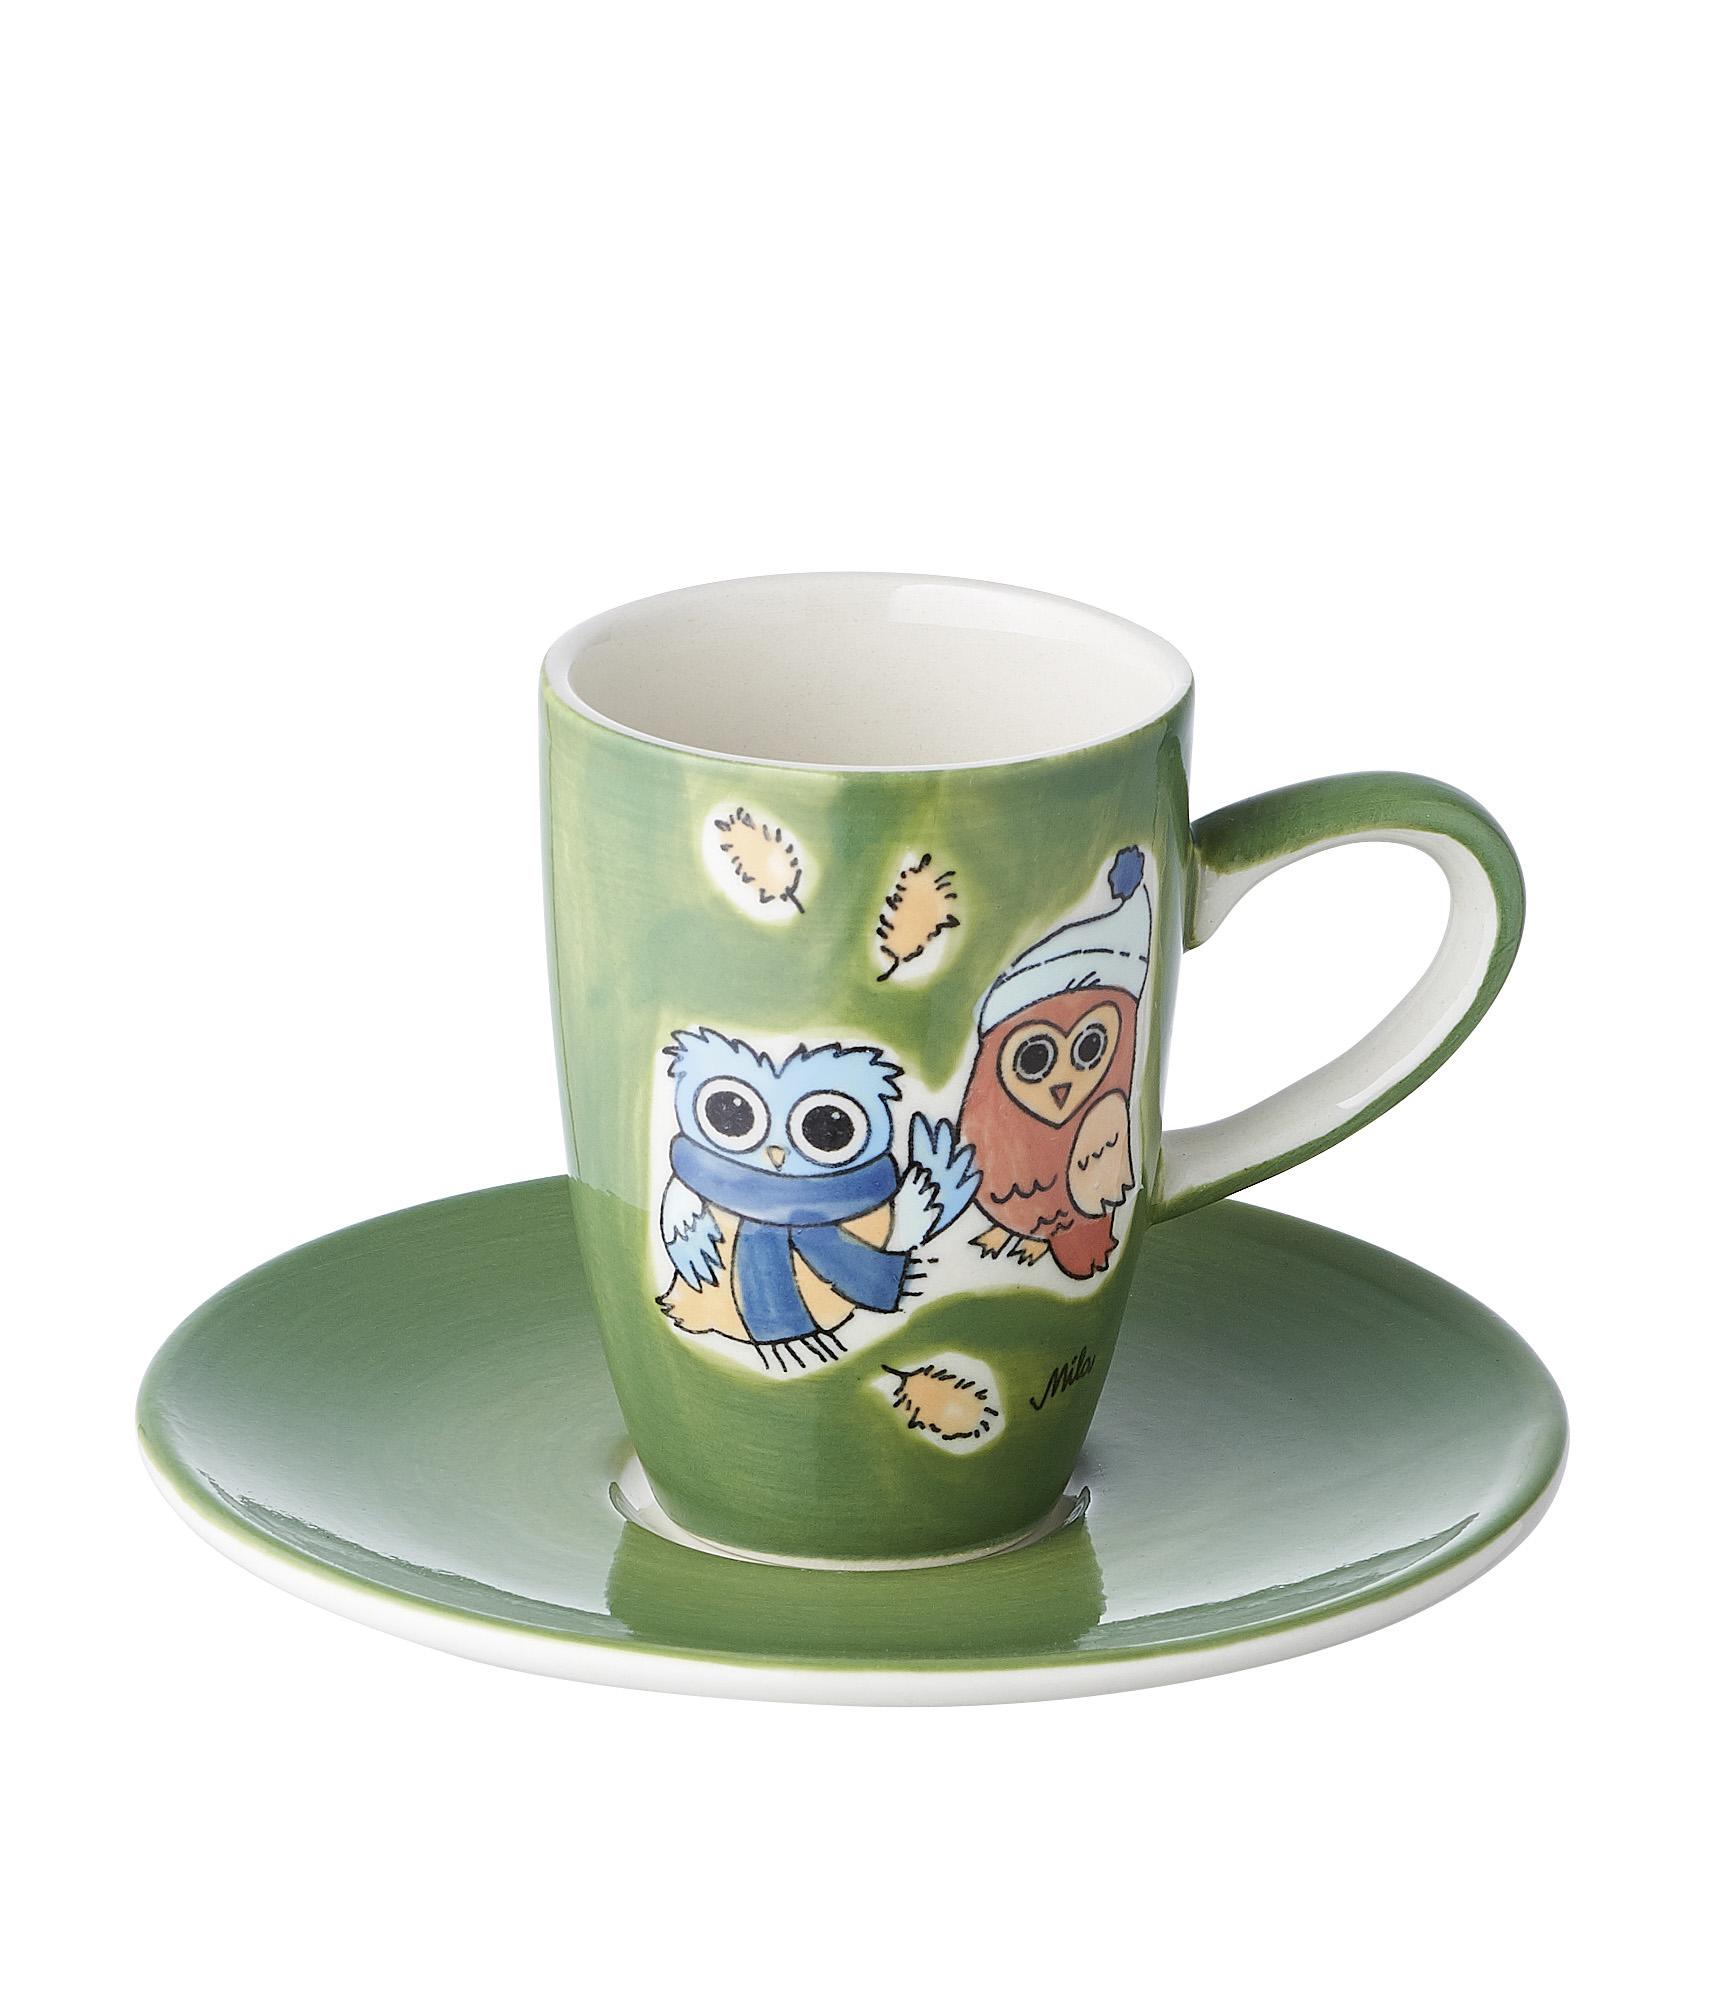 Espresso Tasse - Huu Huu Huu